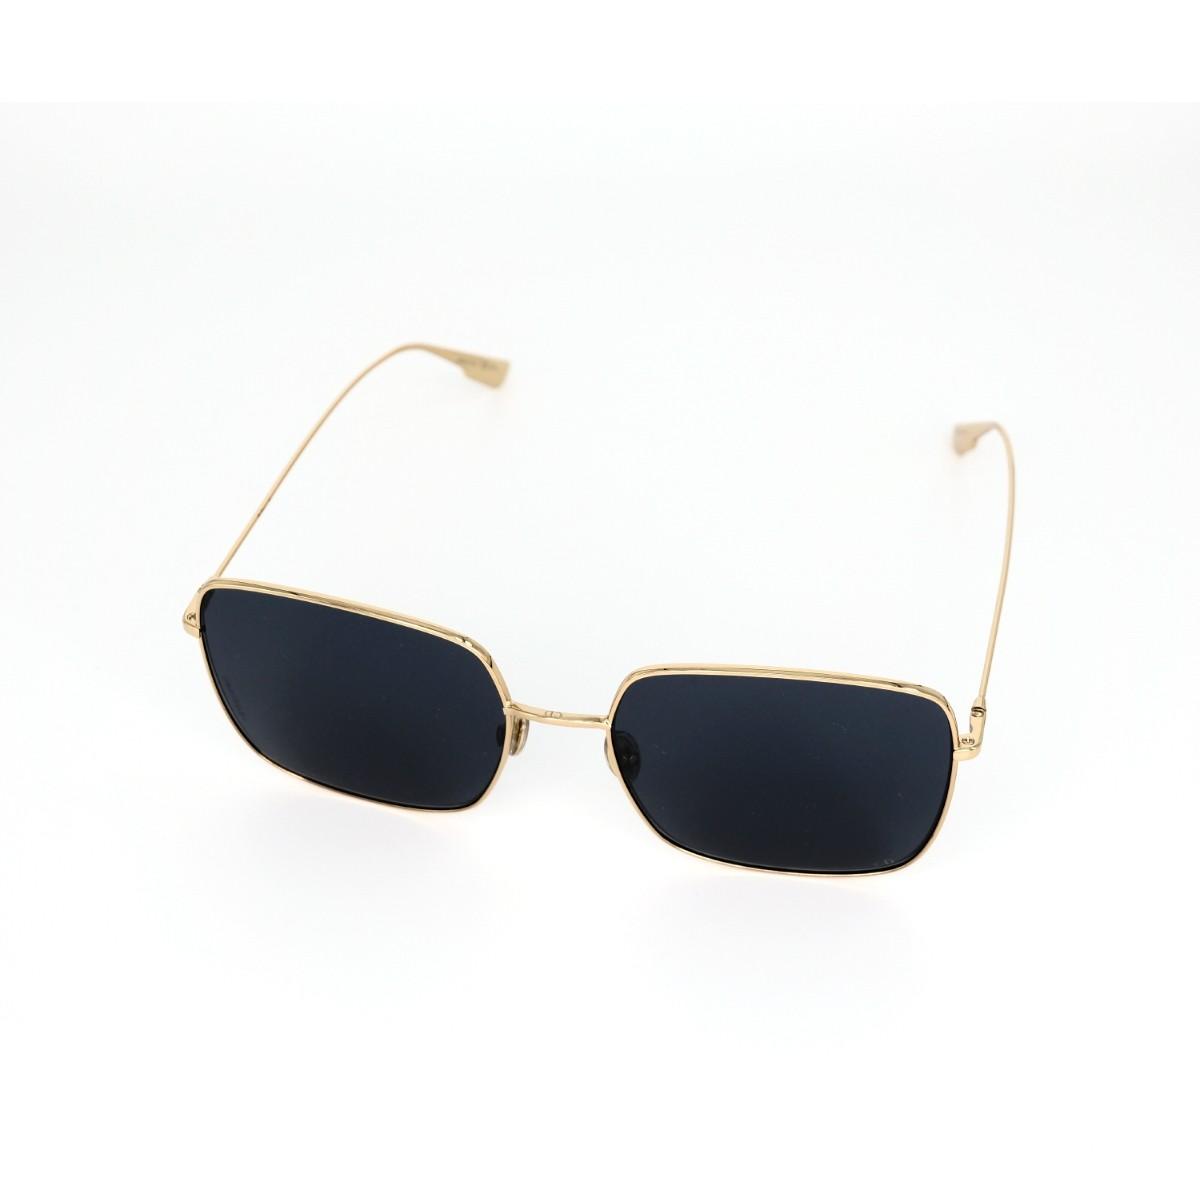 DiorStellaire 1 Blu LKSA9, 215,00€, Occhiali Dior Oro a forma Squadrato